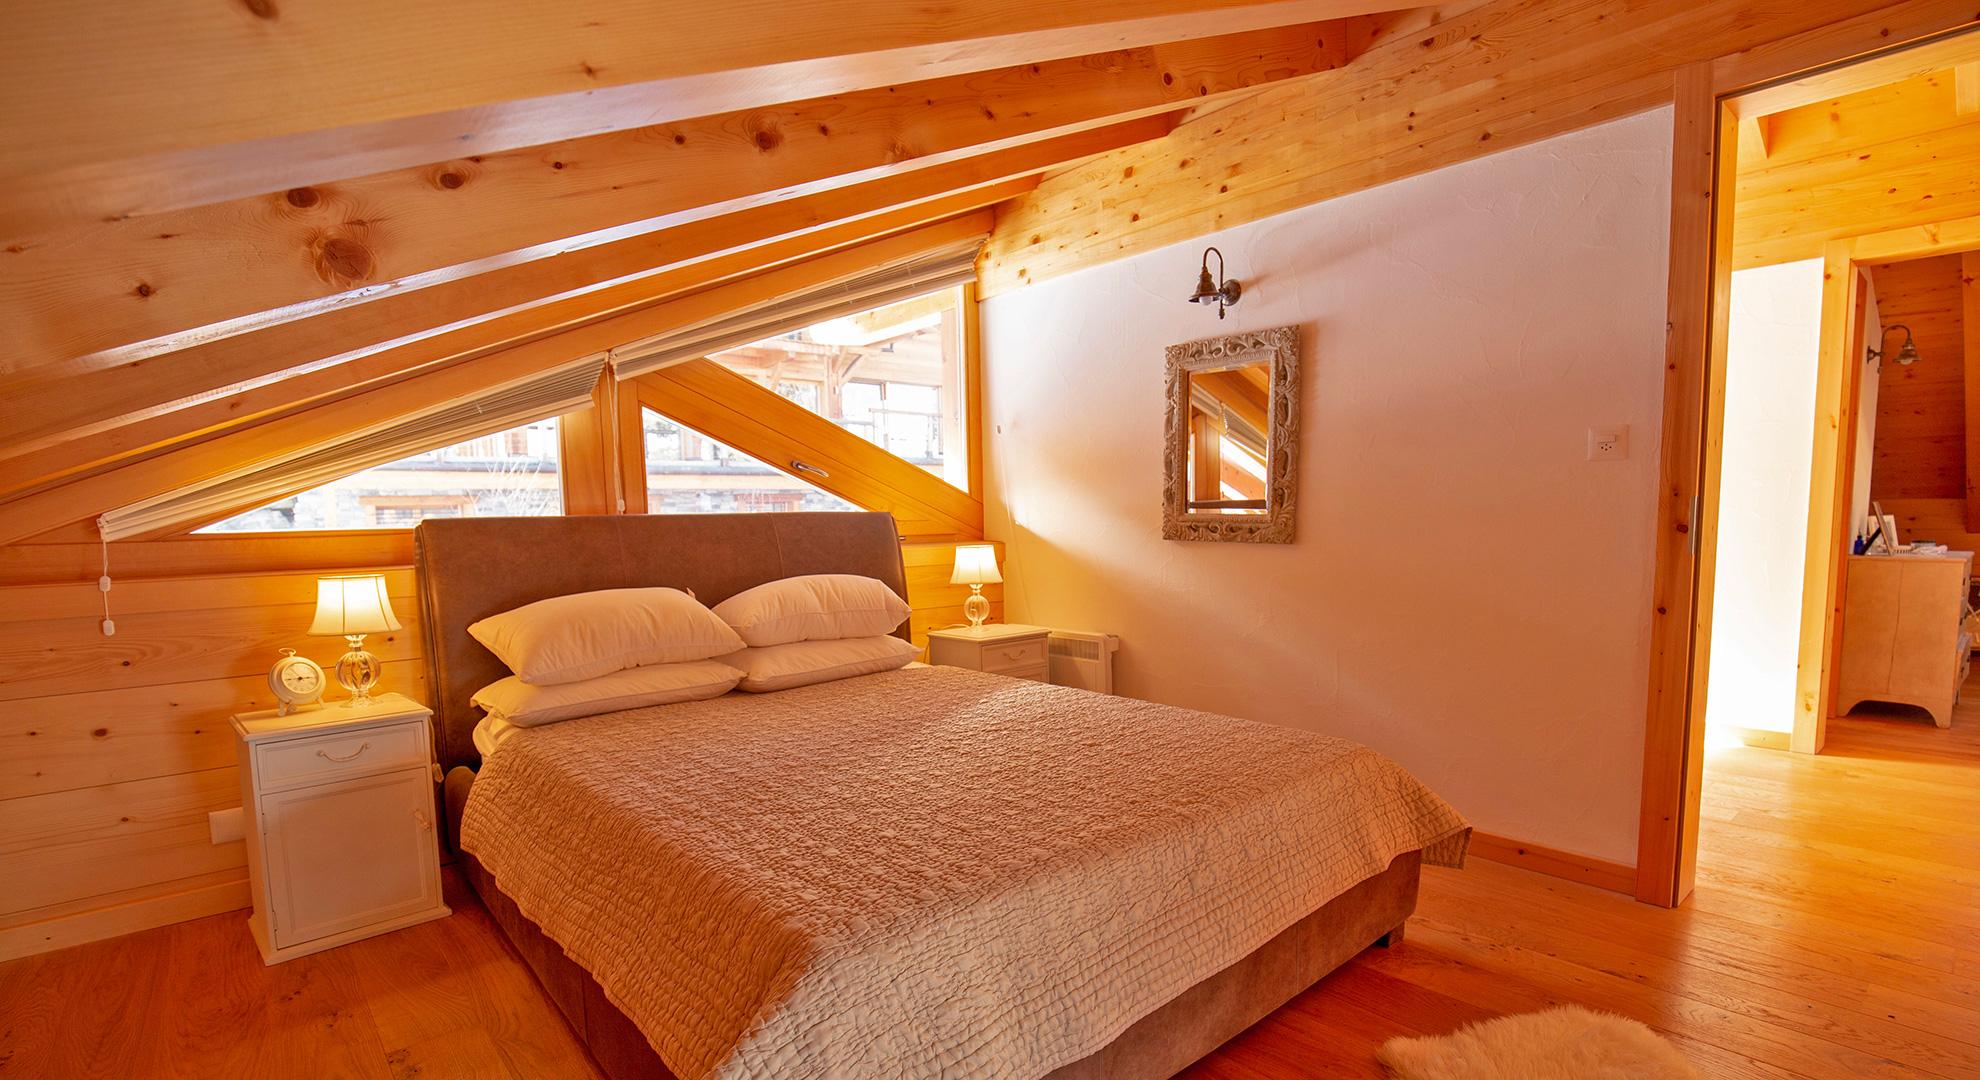 Chalet Rairettes Chalet, Switzerland